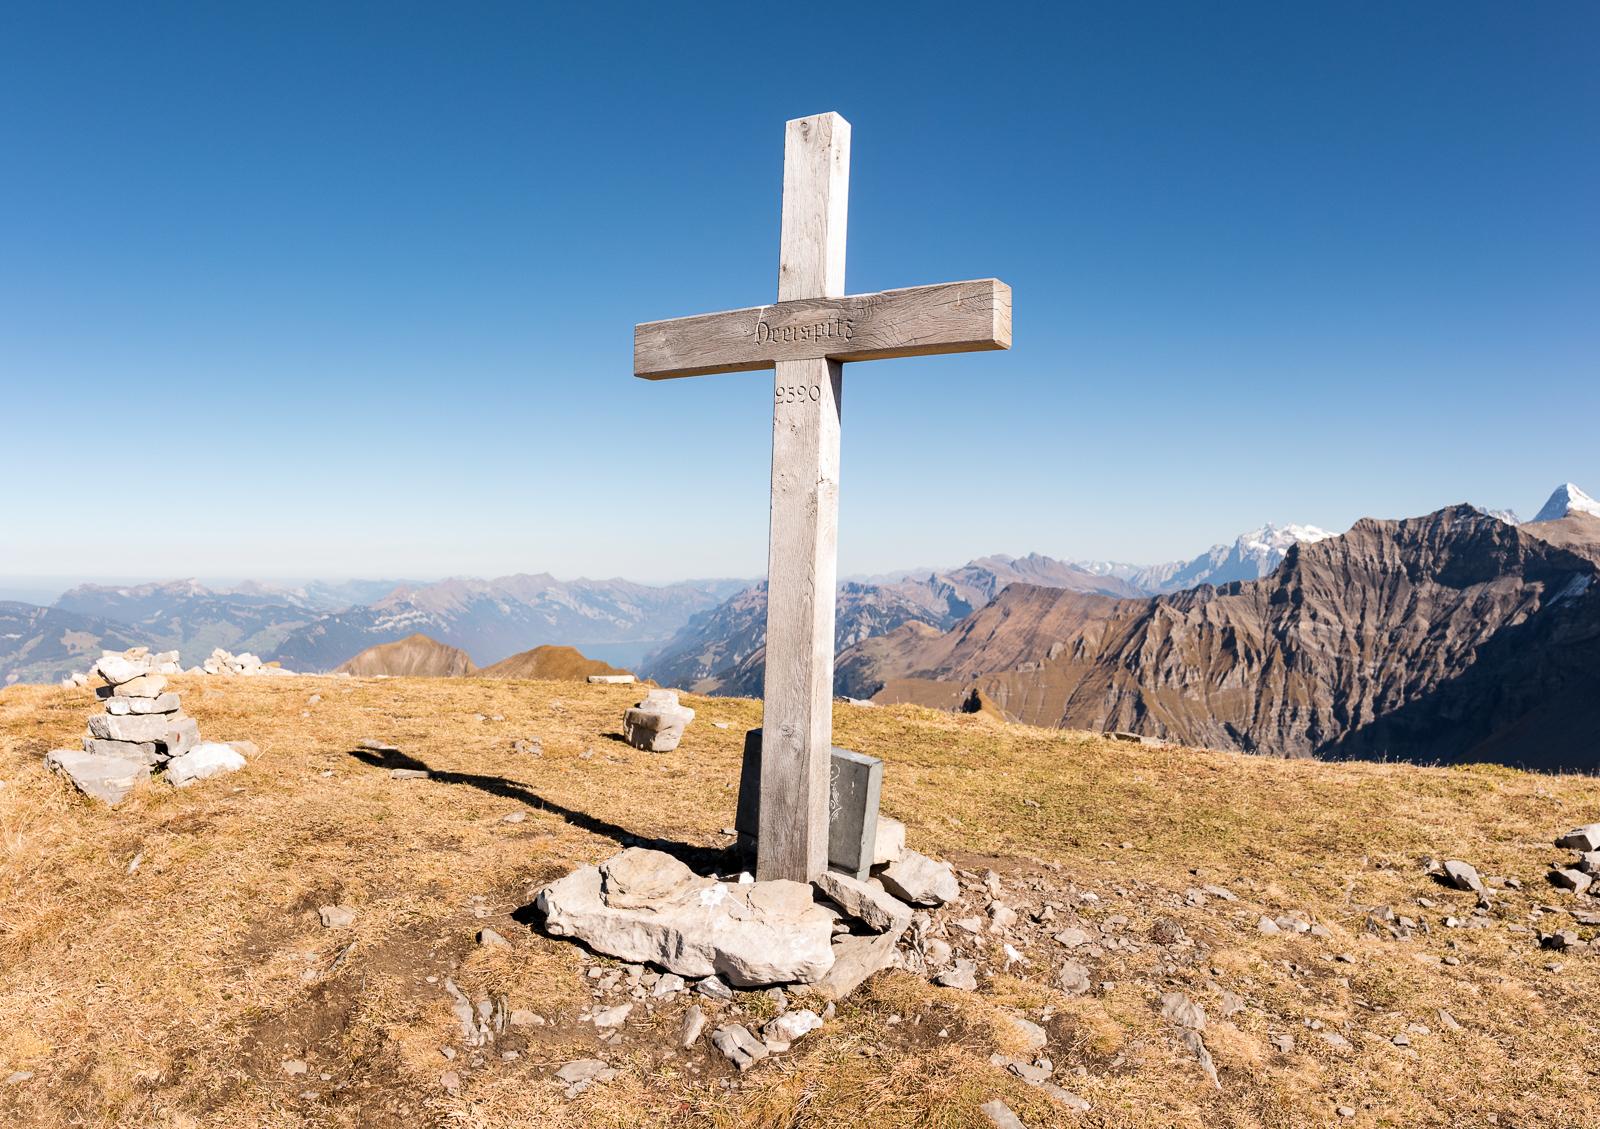 2520 Meter